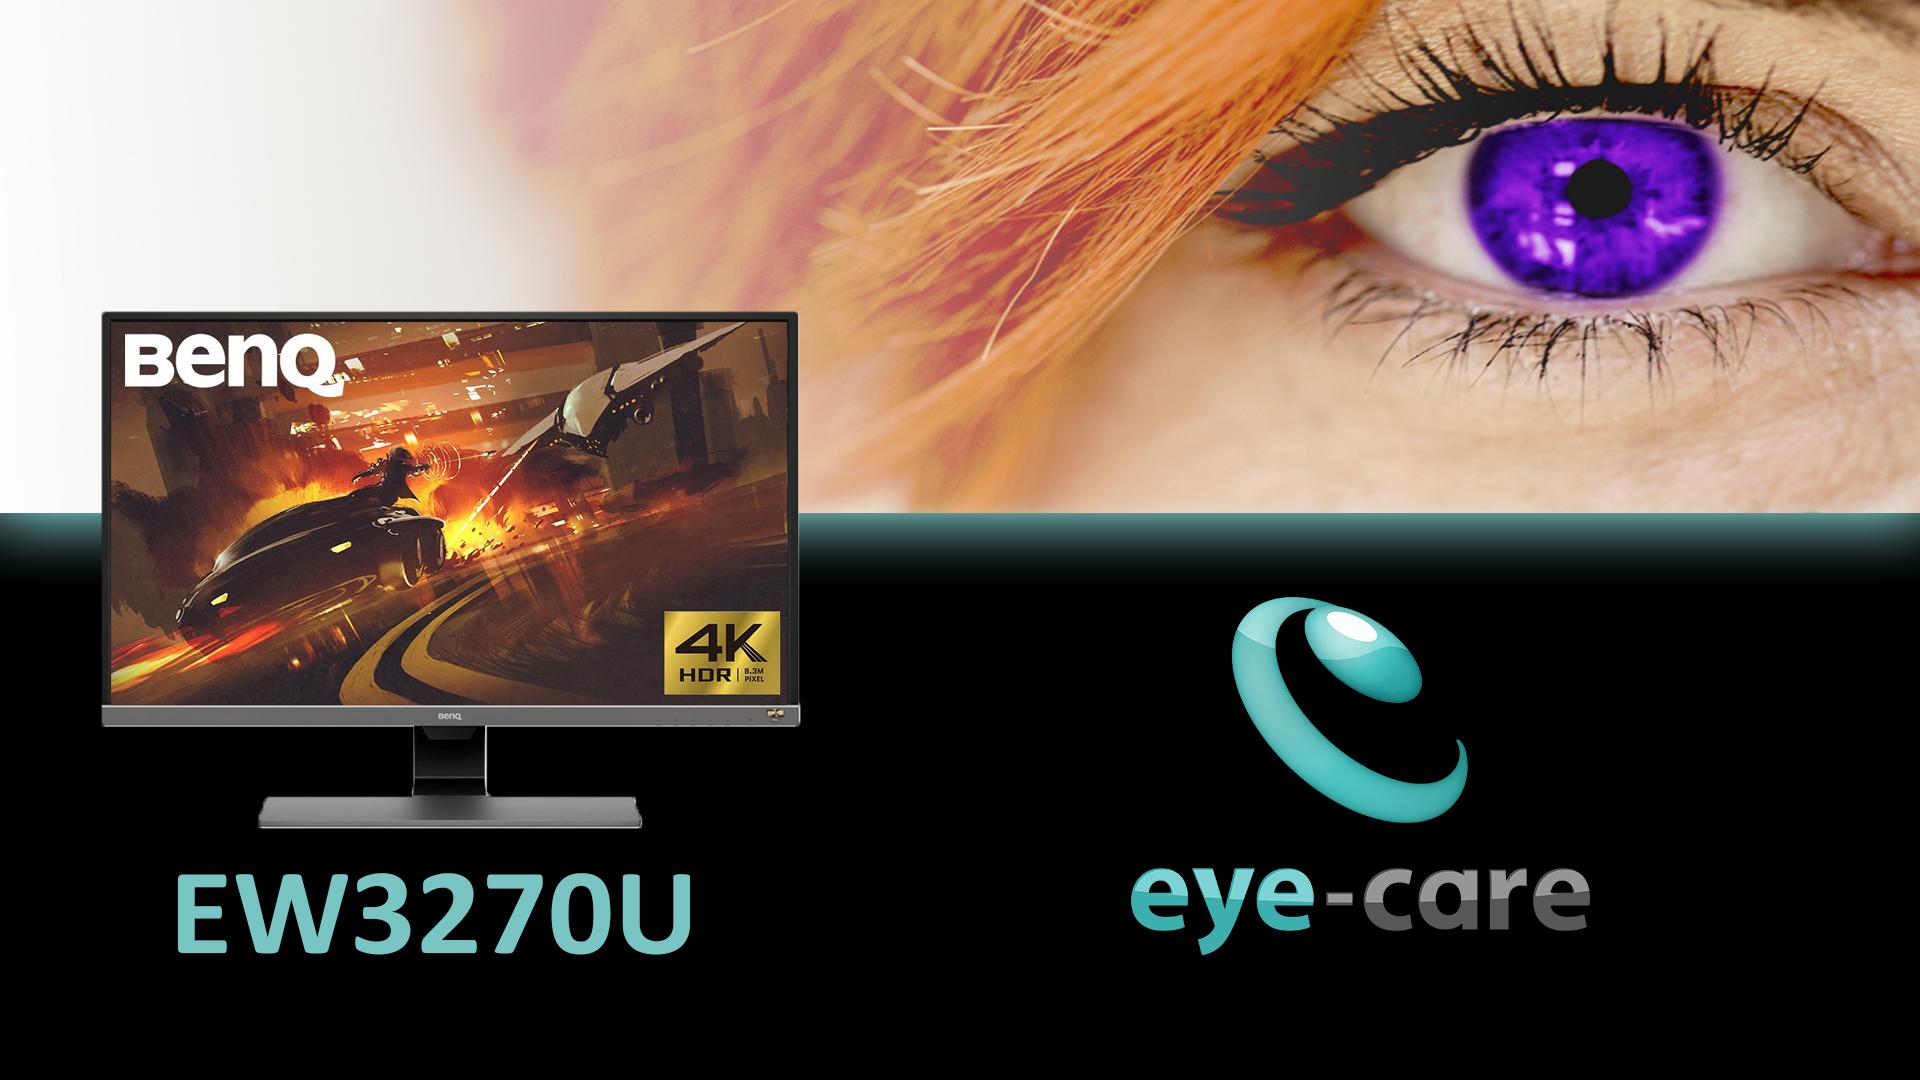 هل حقاً تحقق تقنية Eye-care مع شاشات BenQ حماية فعاله لأعيننا؟ أم هي مجرد دعاية؟